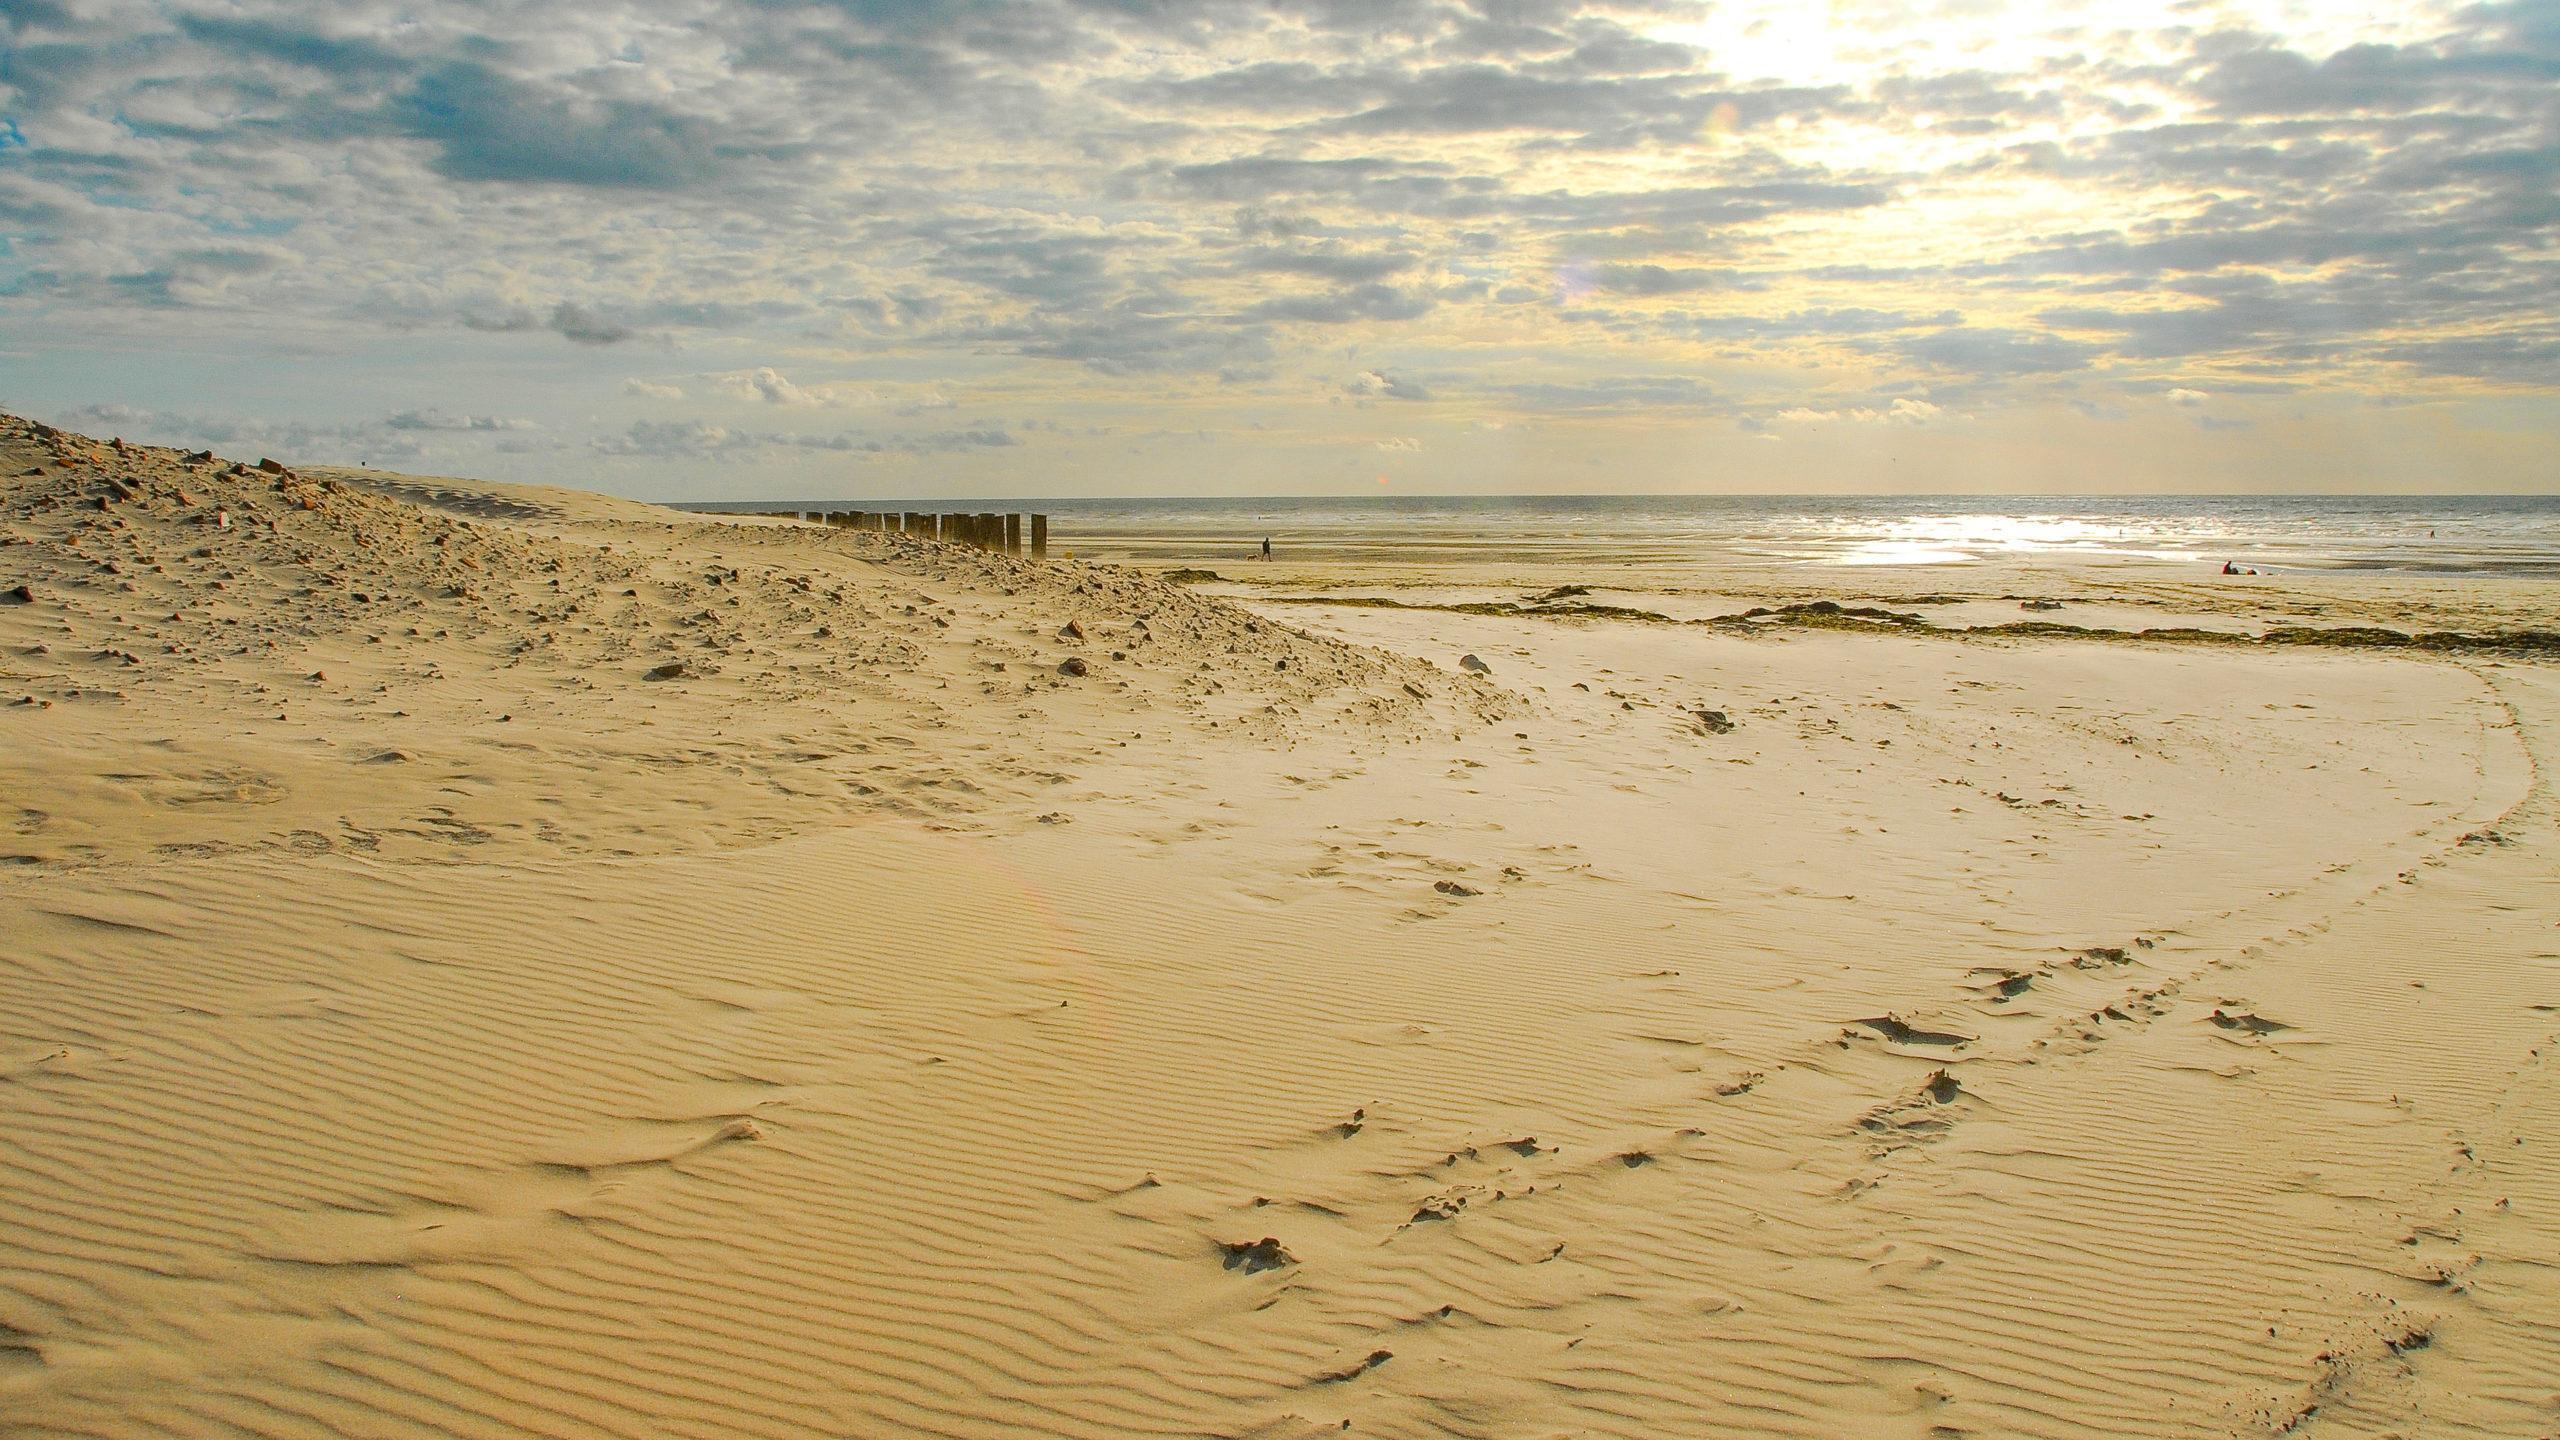 Opalküste: Berck-sur-Mer: Hinter den Dünen erstreckt sich feinsandig der Strand - 12 km lang! Foto. Hilke Maunder